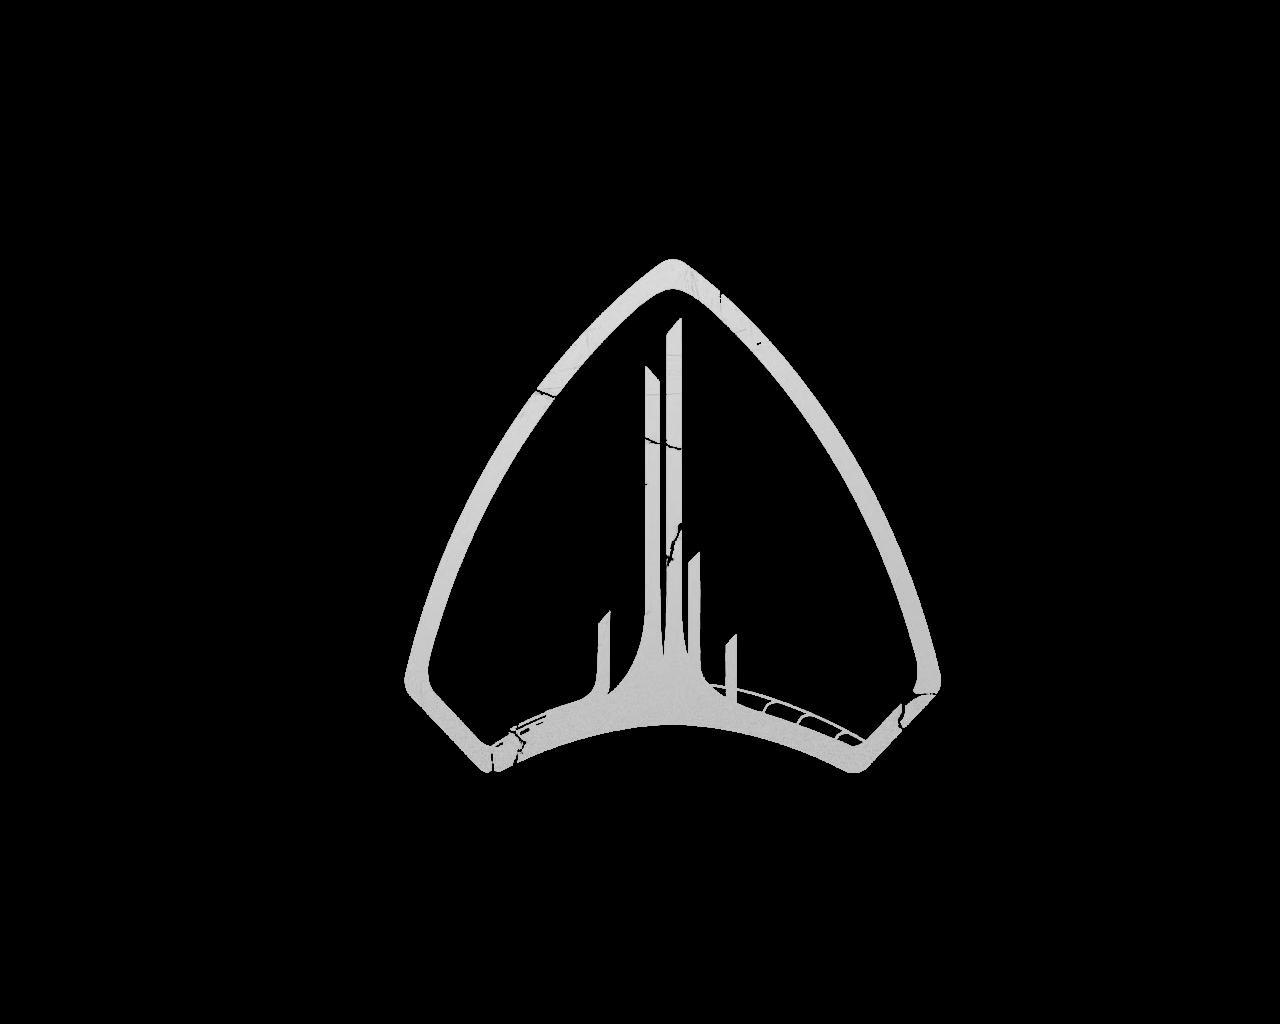 brink Logo photo - 1